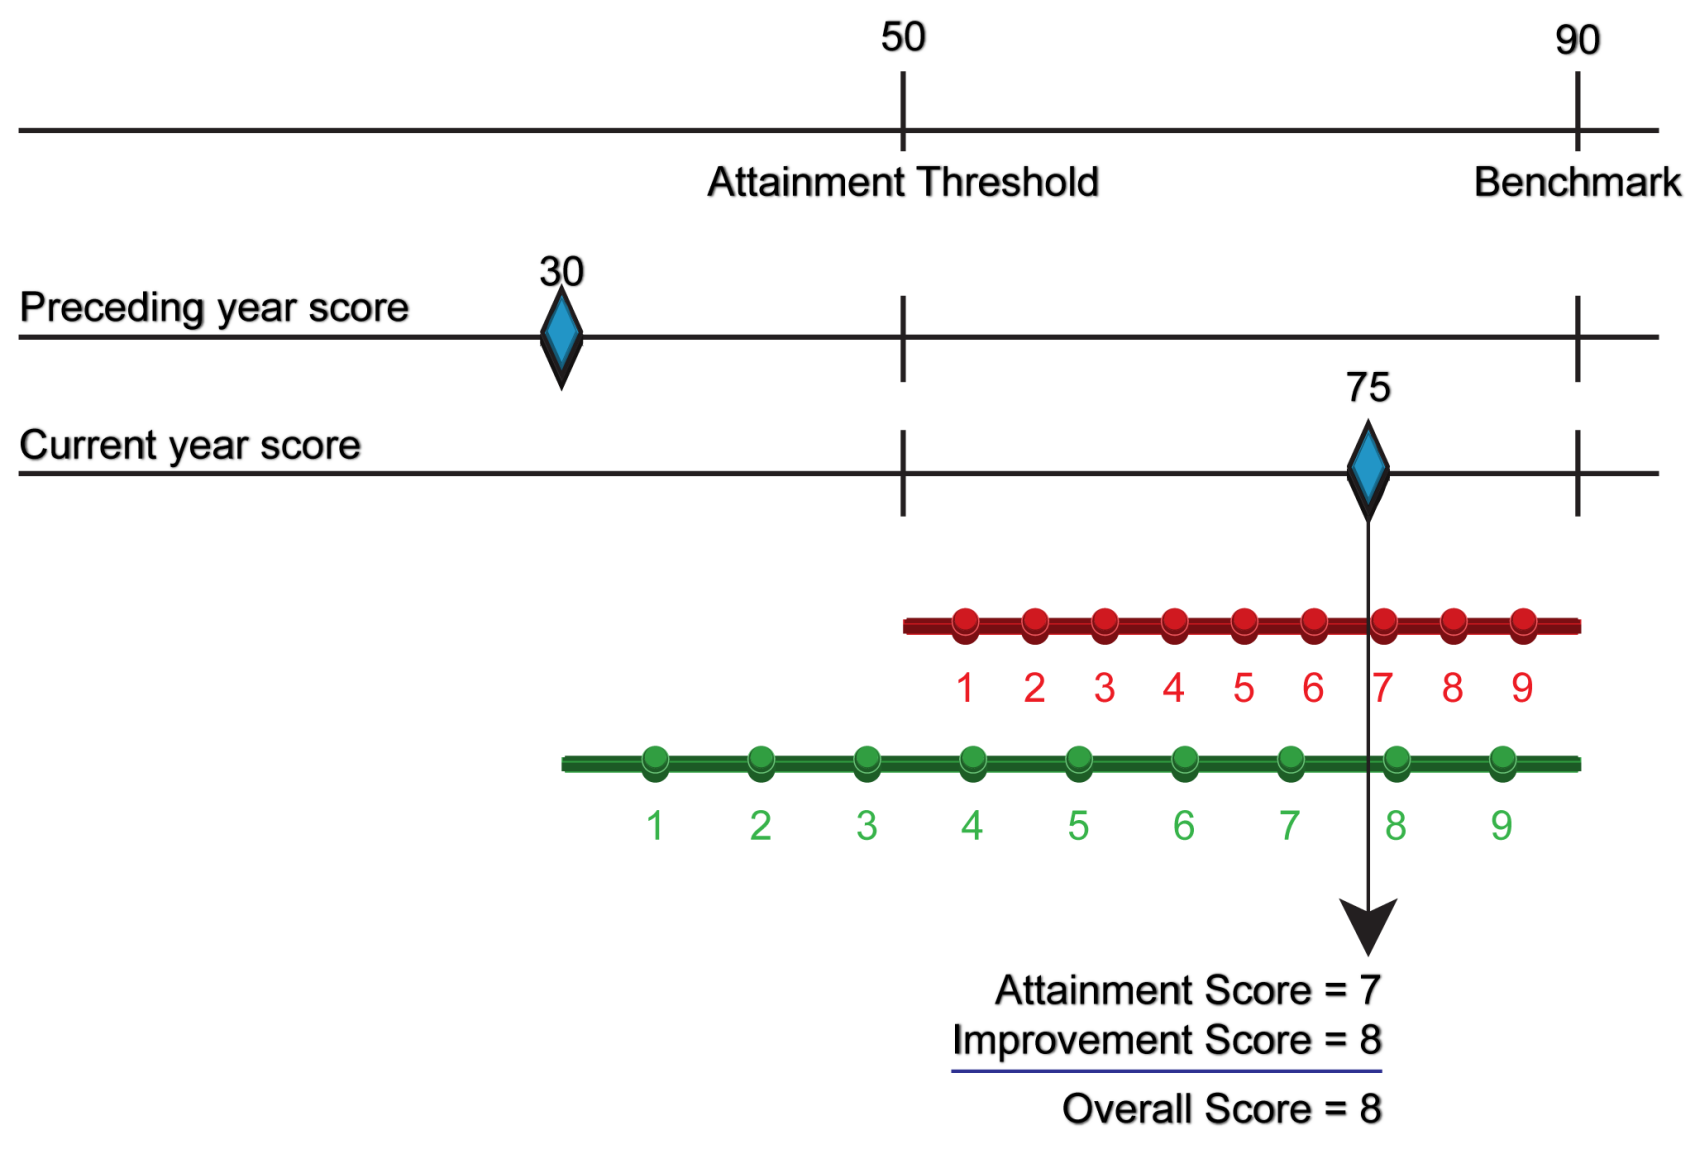 Performance Assessment Model scoring example (standard method).